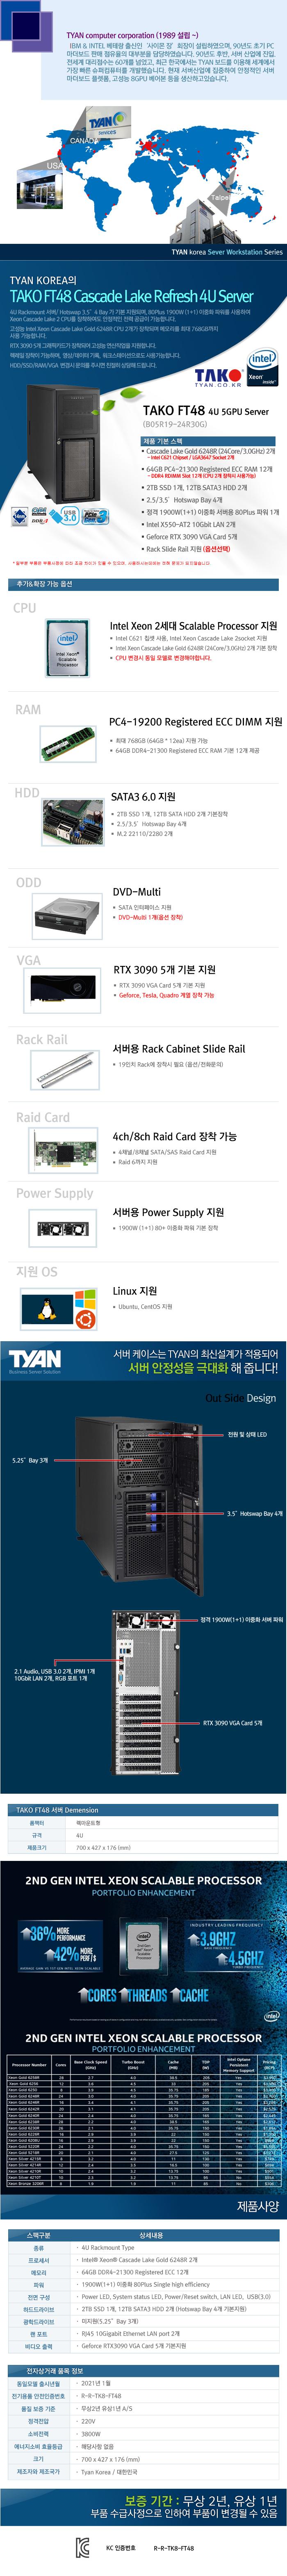 TYAN TAKO-FT48-(B05R19-24R30G)-RTX3090 5GPU (768GB, SSD 2TB + 24TB)